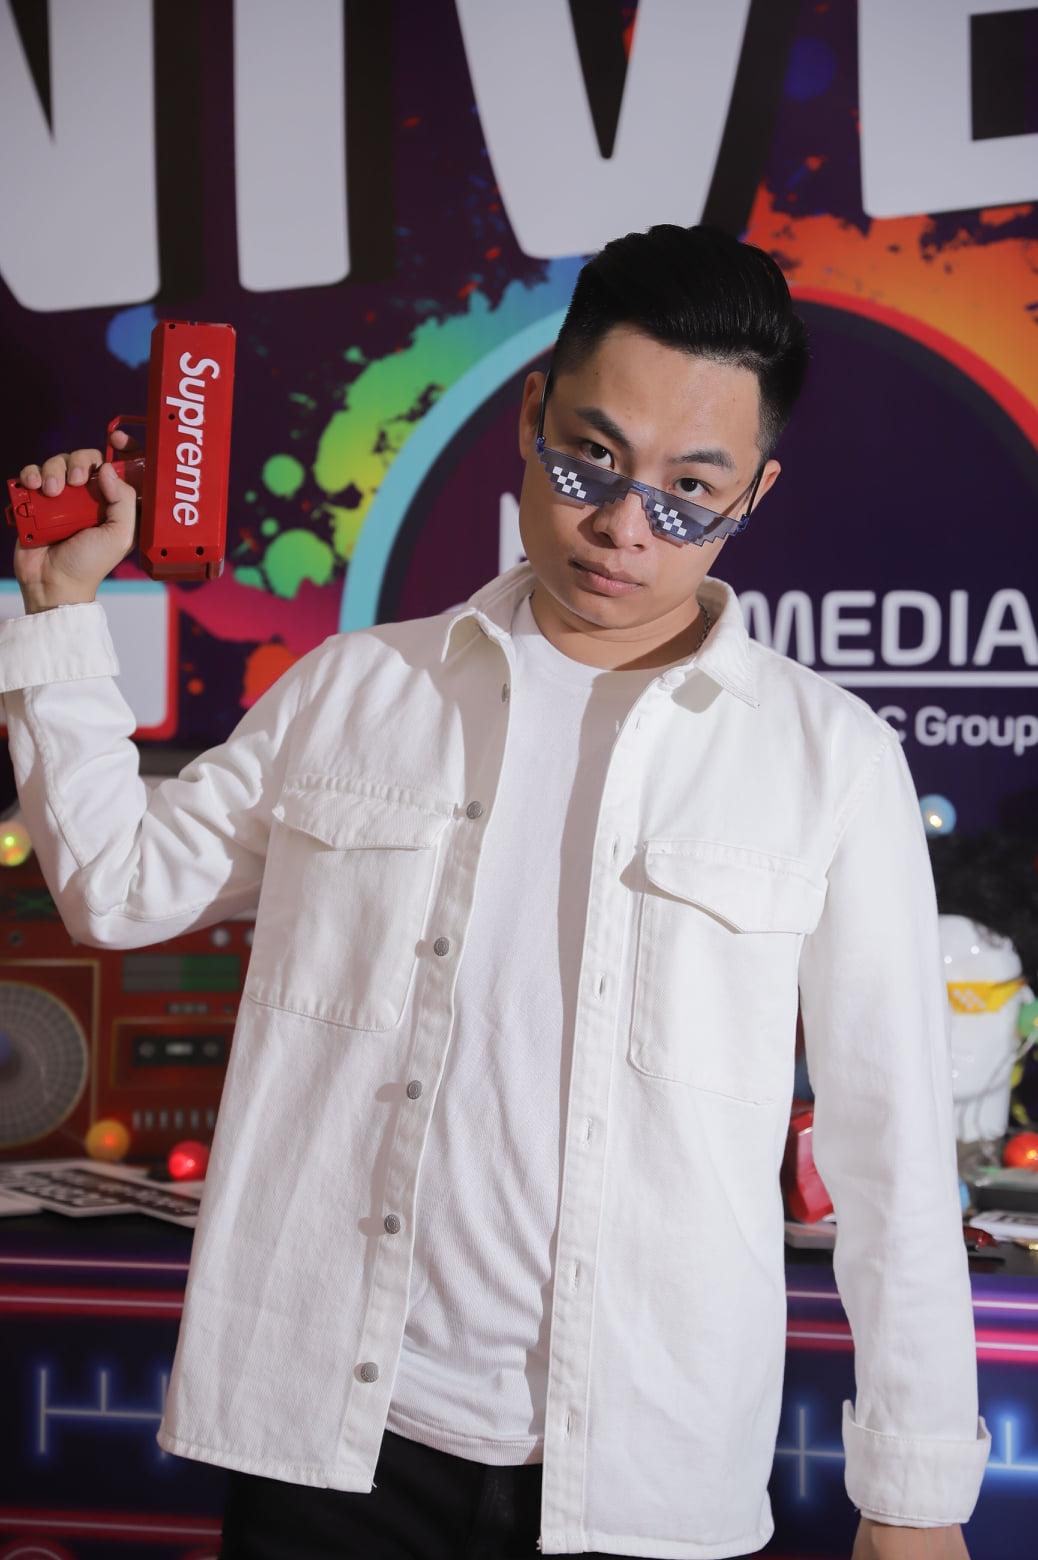 Nhả vần tưng bừng trên sóng Shark Tank, ít ai ngờ founder Nobita.pro là dân chạy ads 'hệ idol',người đứng sau hàng loạt TikTok triệu follow - Ảnh 2.